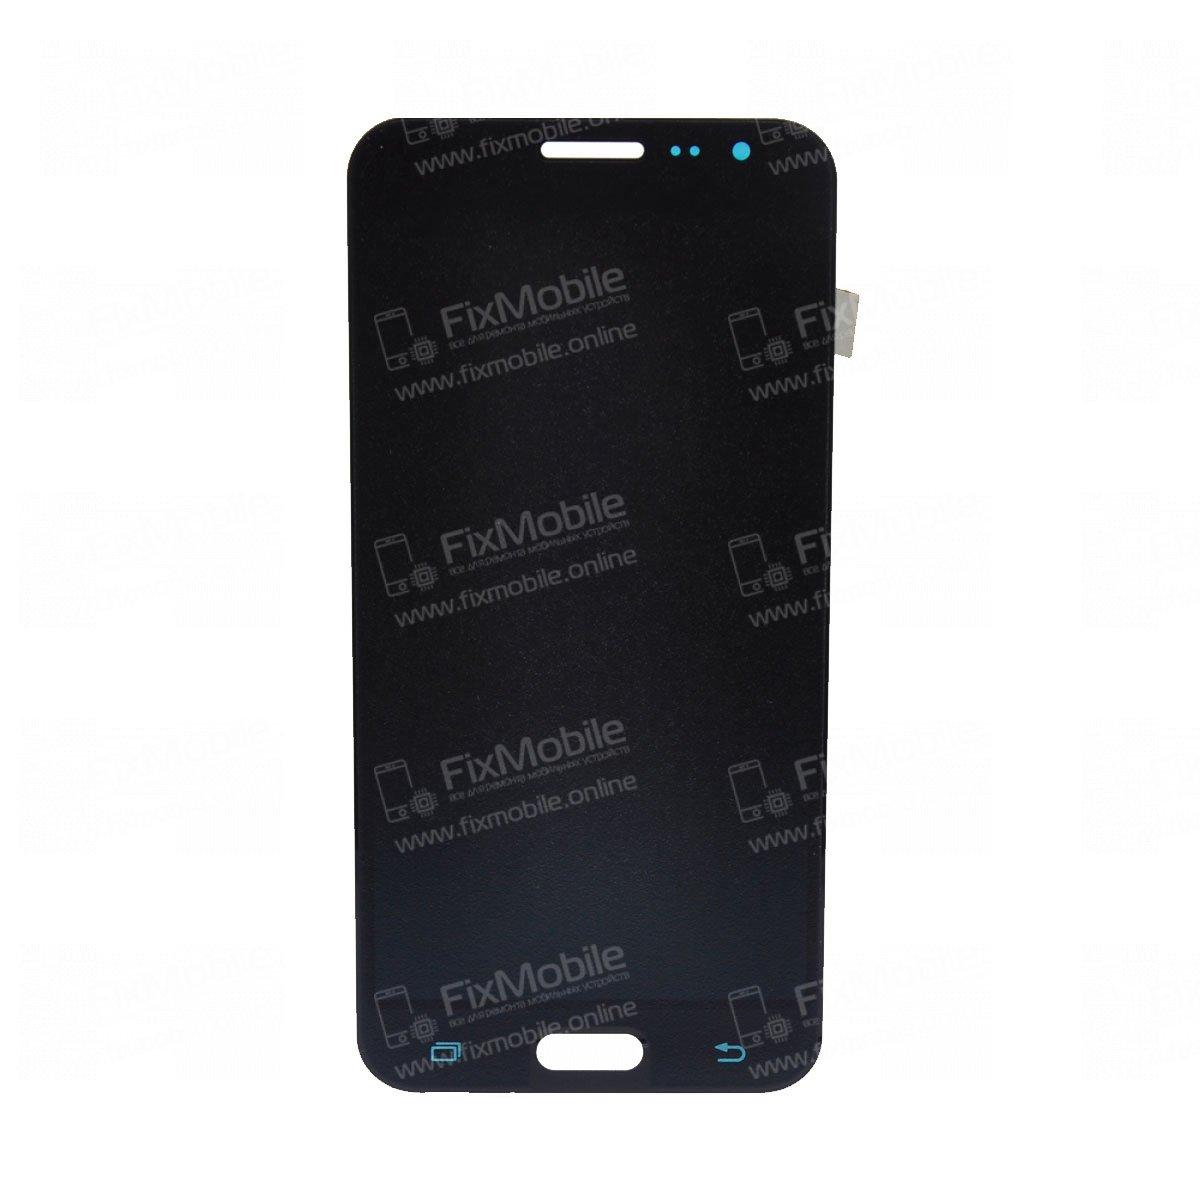 Дисплей для Samsung Galaxy J3 2016 с тачскрином (черный) - TFT